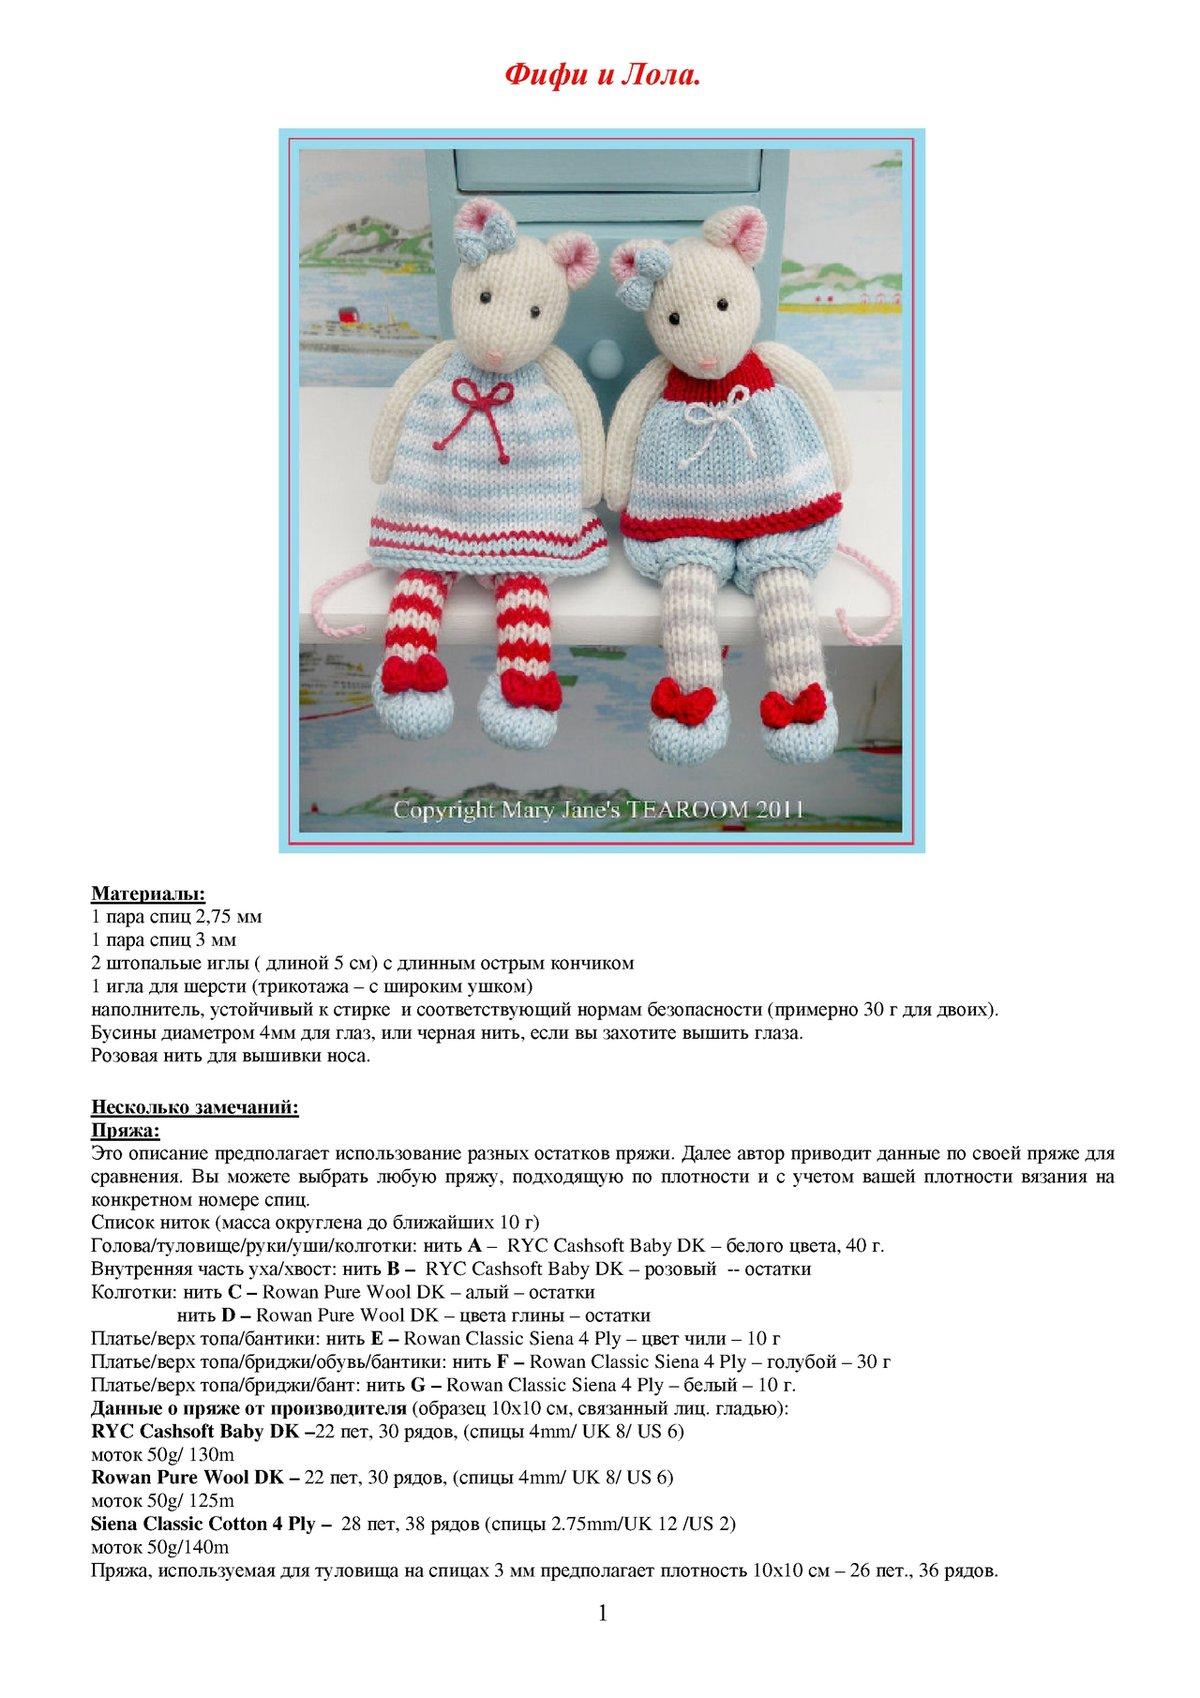 Вязание игрушки спицами с описанием и схемами